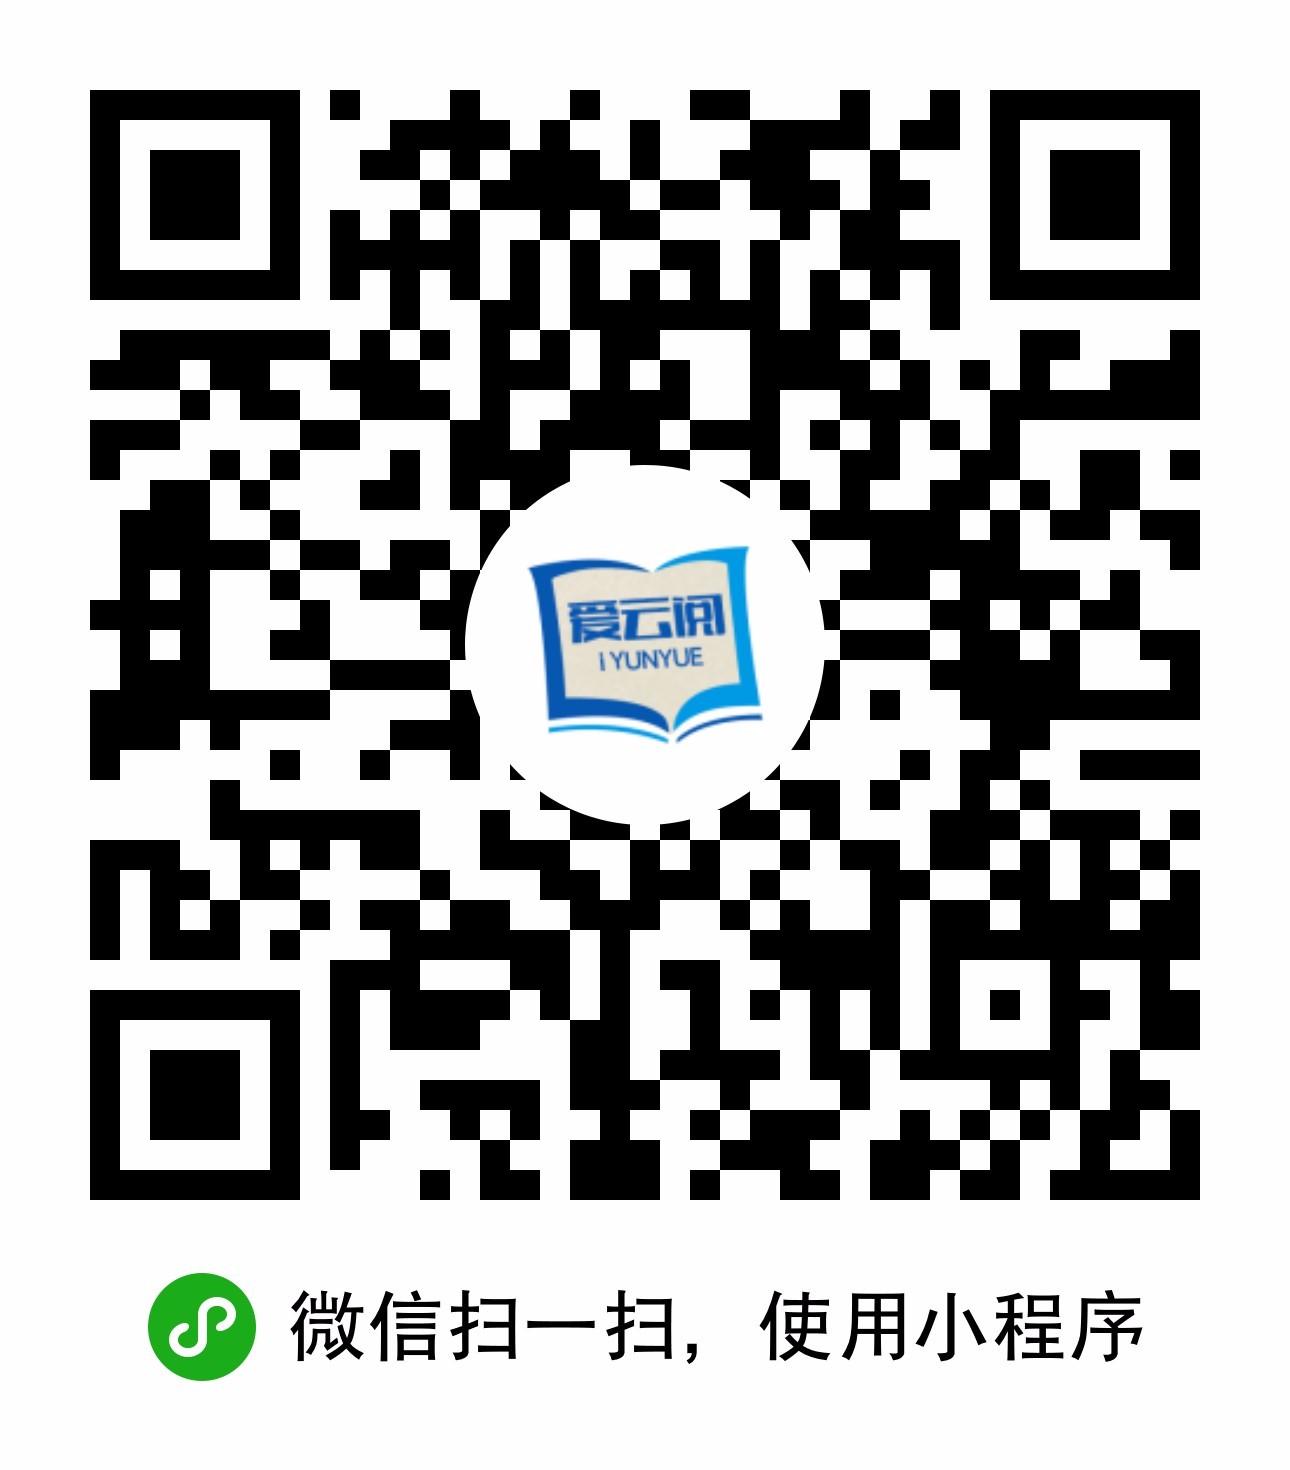 爱云阅读小说-微信小程序二维码